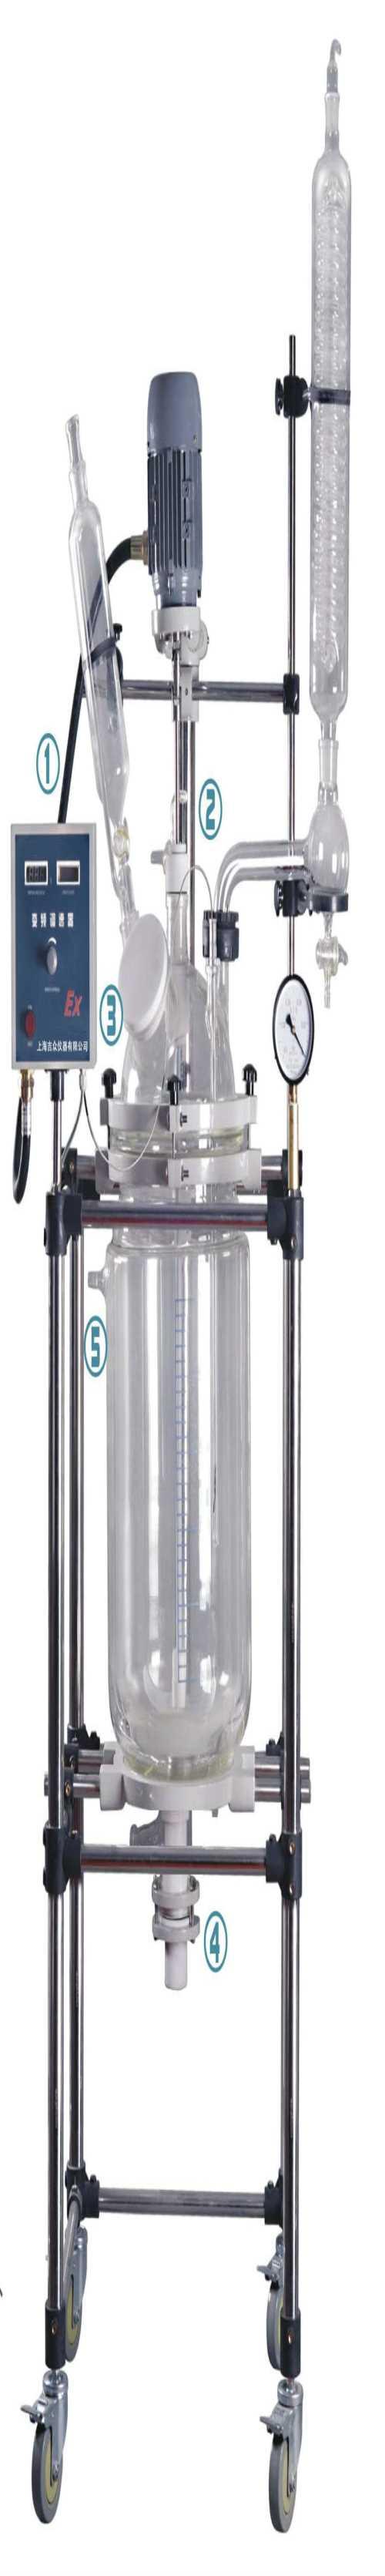 单层玻璃反应釜报价-单层玻璃反应釜定做-上海吉众生物科技有限公司